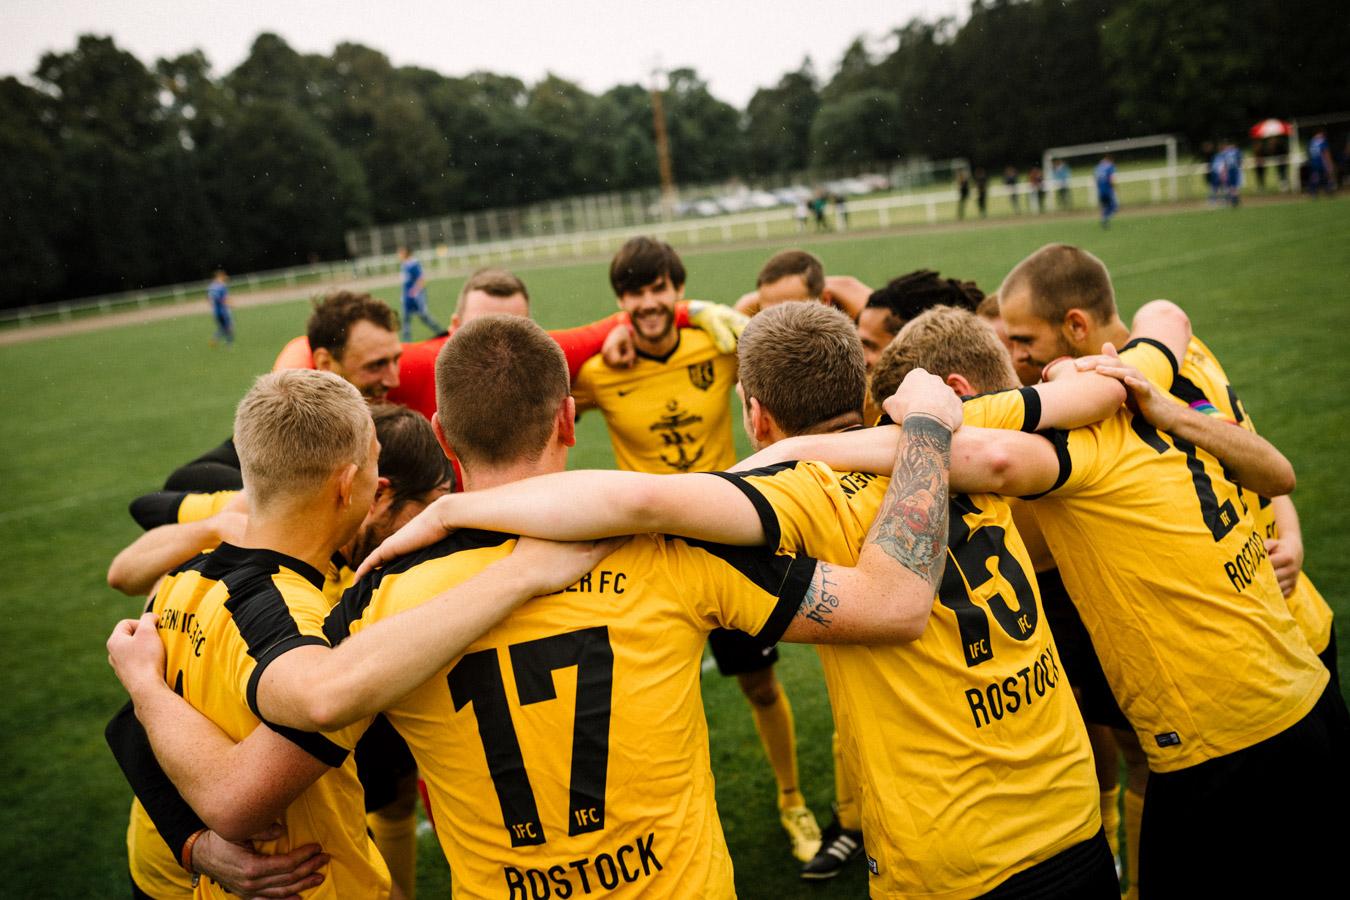 IFC Rostock Jarmen